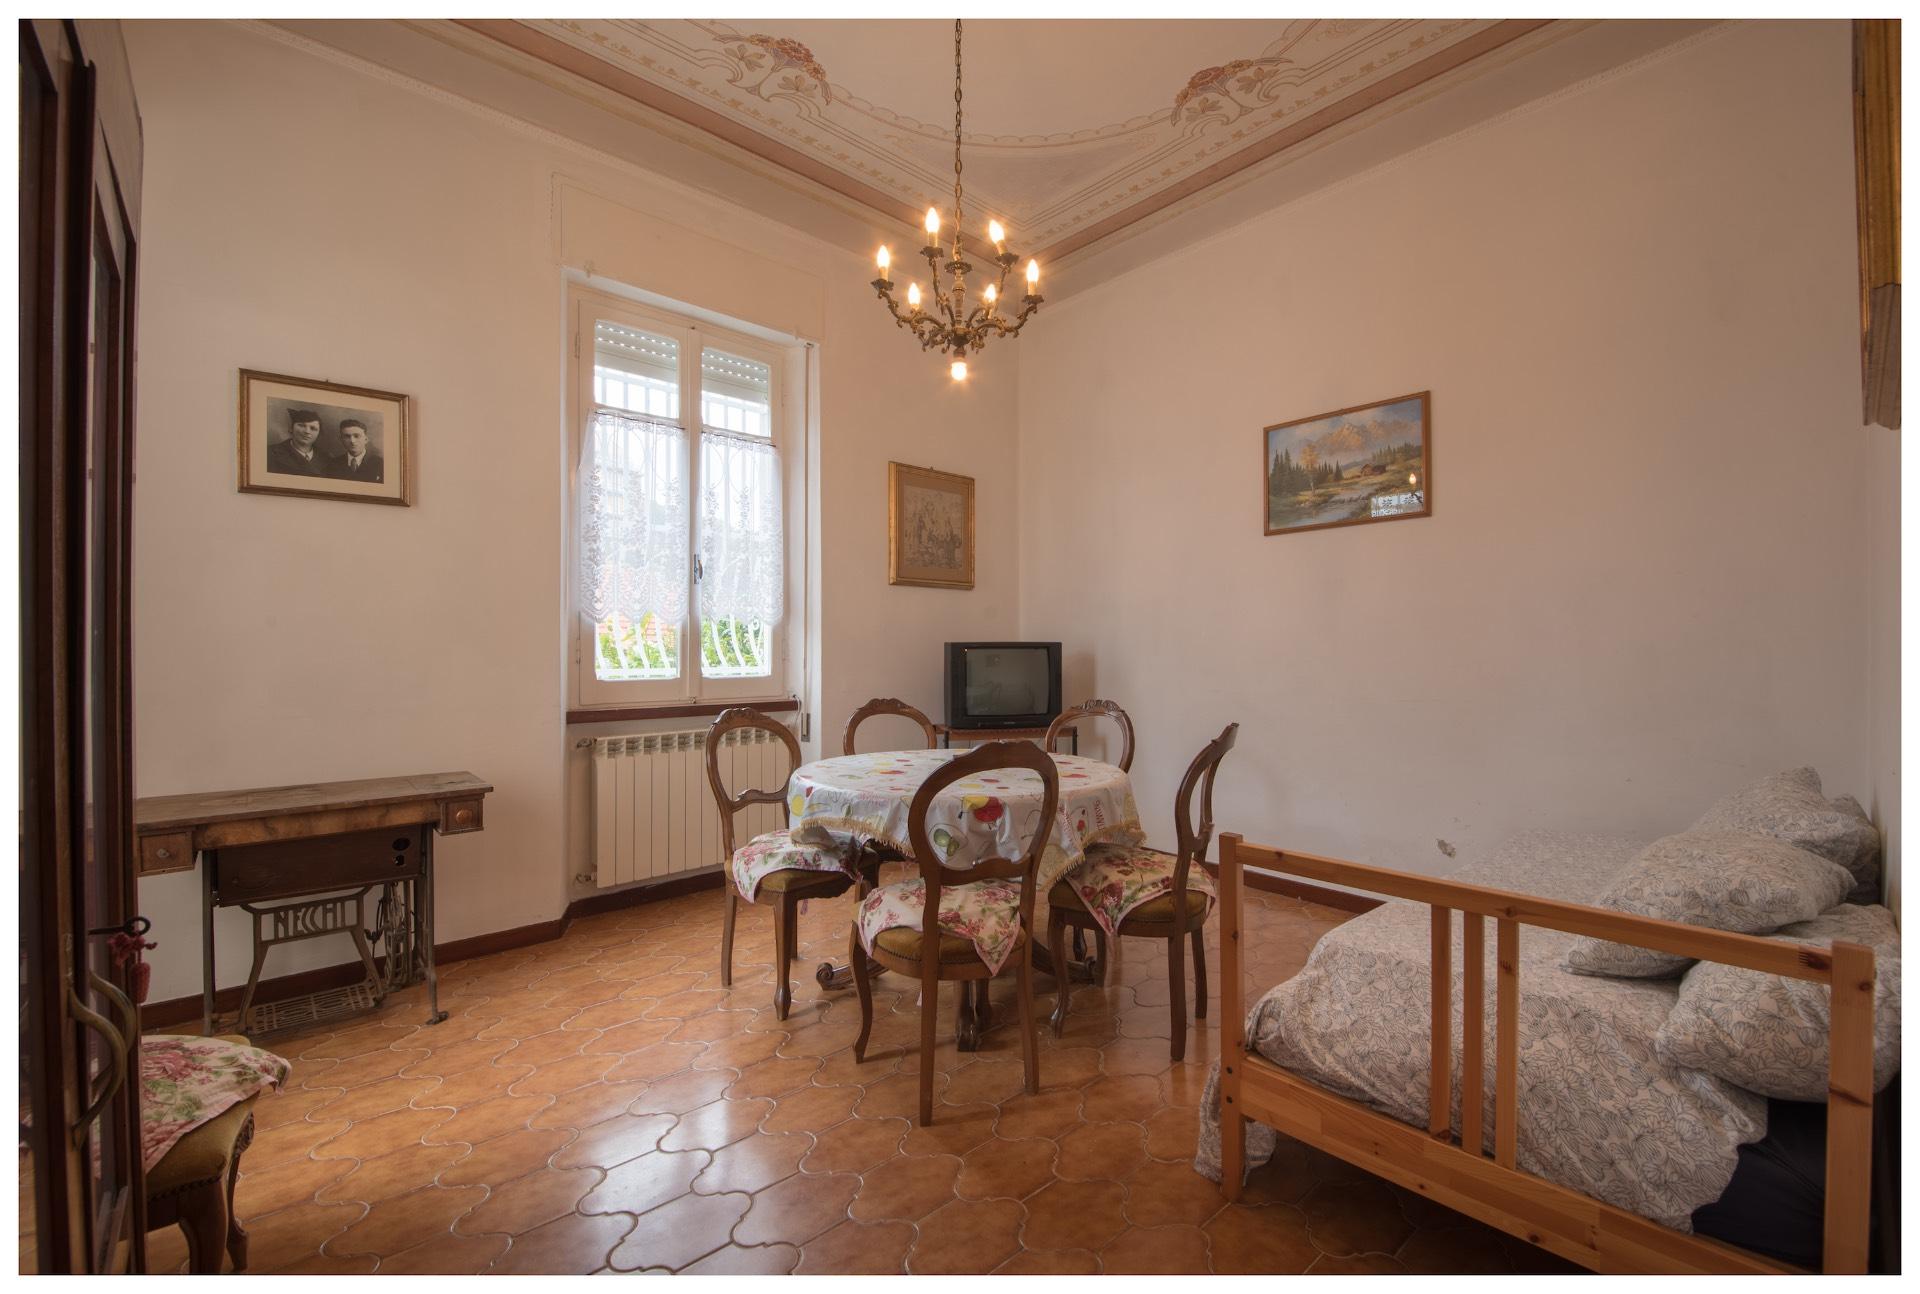 Appartamento in affitto a Varazze, 3 locali, zona Località: Varazze, prezzo € 800 | PortaleAgenzieImmobiliari.it